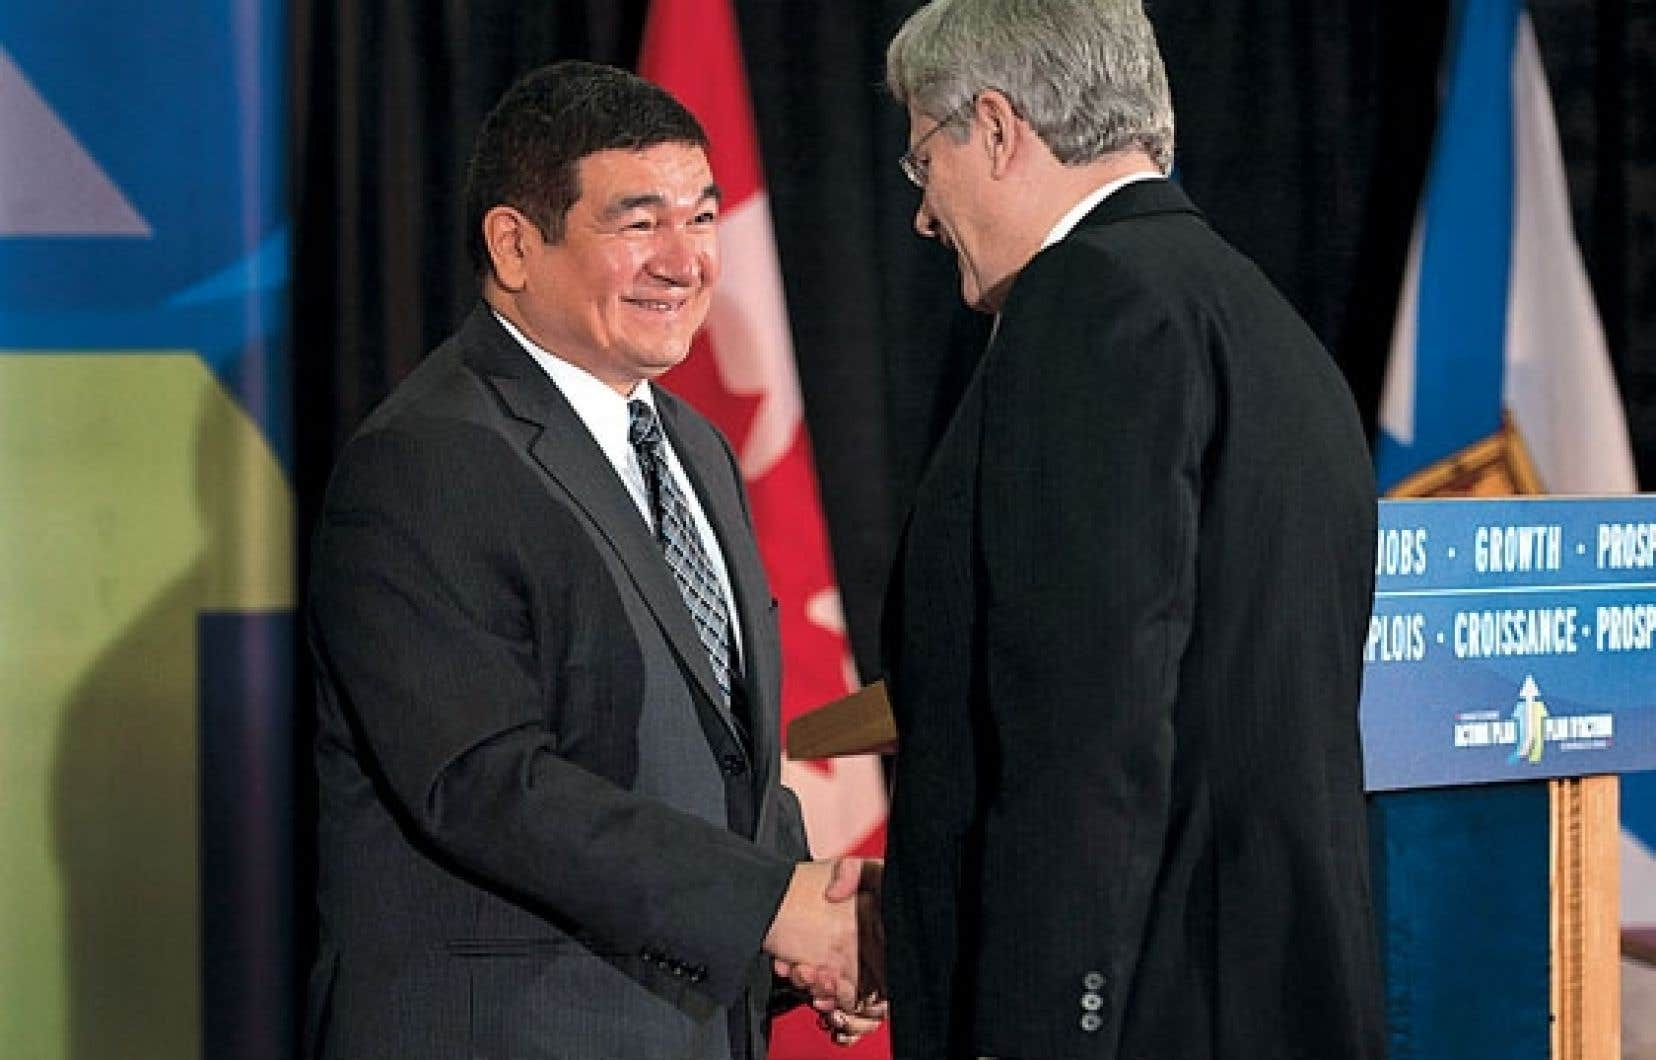 <div> Le premier ministre, Stephen Harper, s'est rendu au Labrador en novembre pour annoncer une garantie de prêt sur 6,3 des 7,4 milliards prévus pour le projet hydroélectrique Muskrat Falls. Sur la photo, il serre la main du député conservateur Peter Penashue.</div>